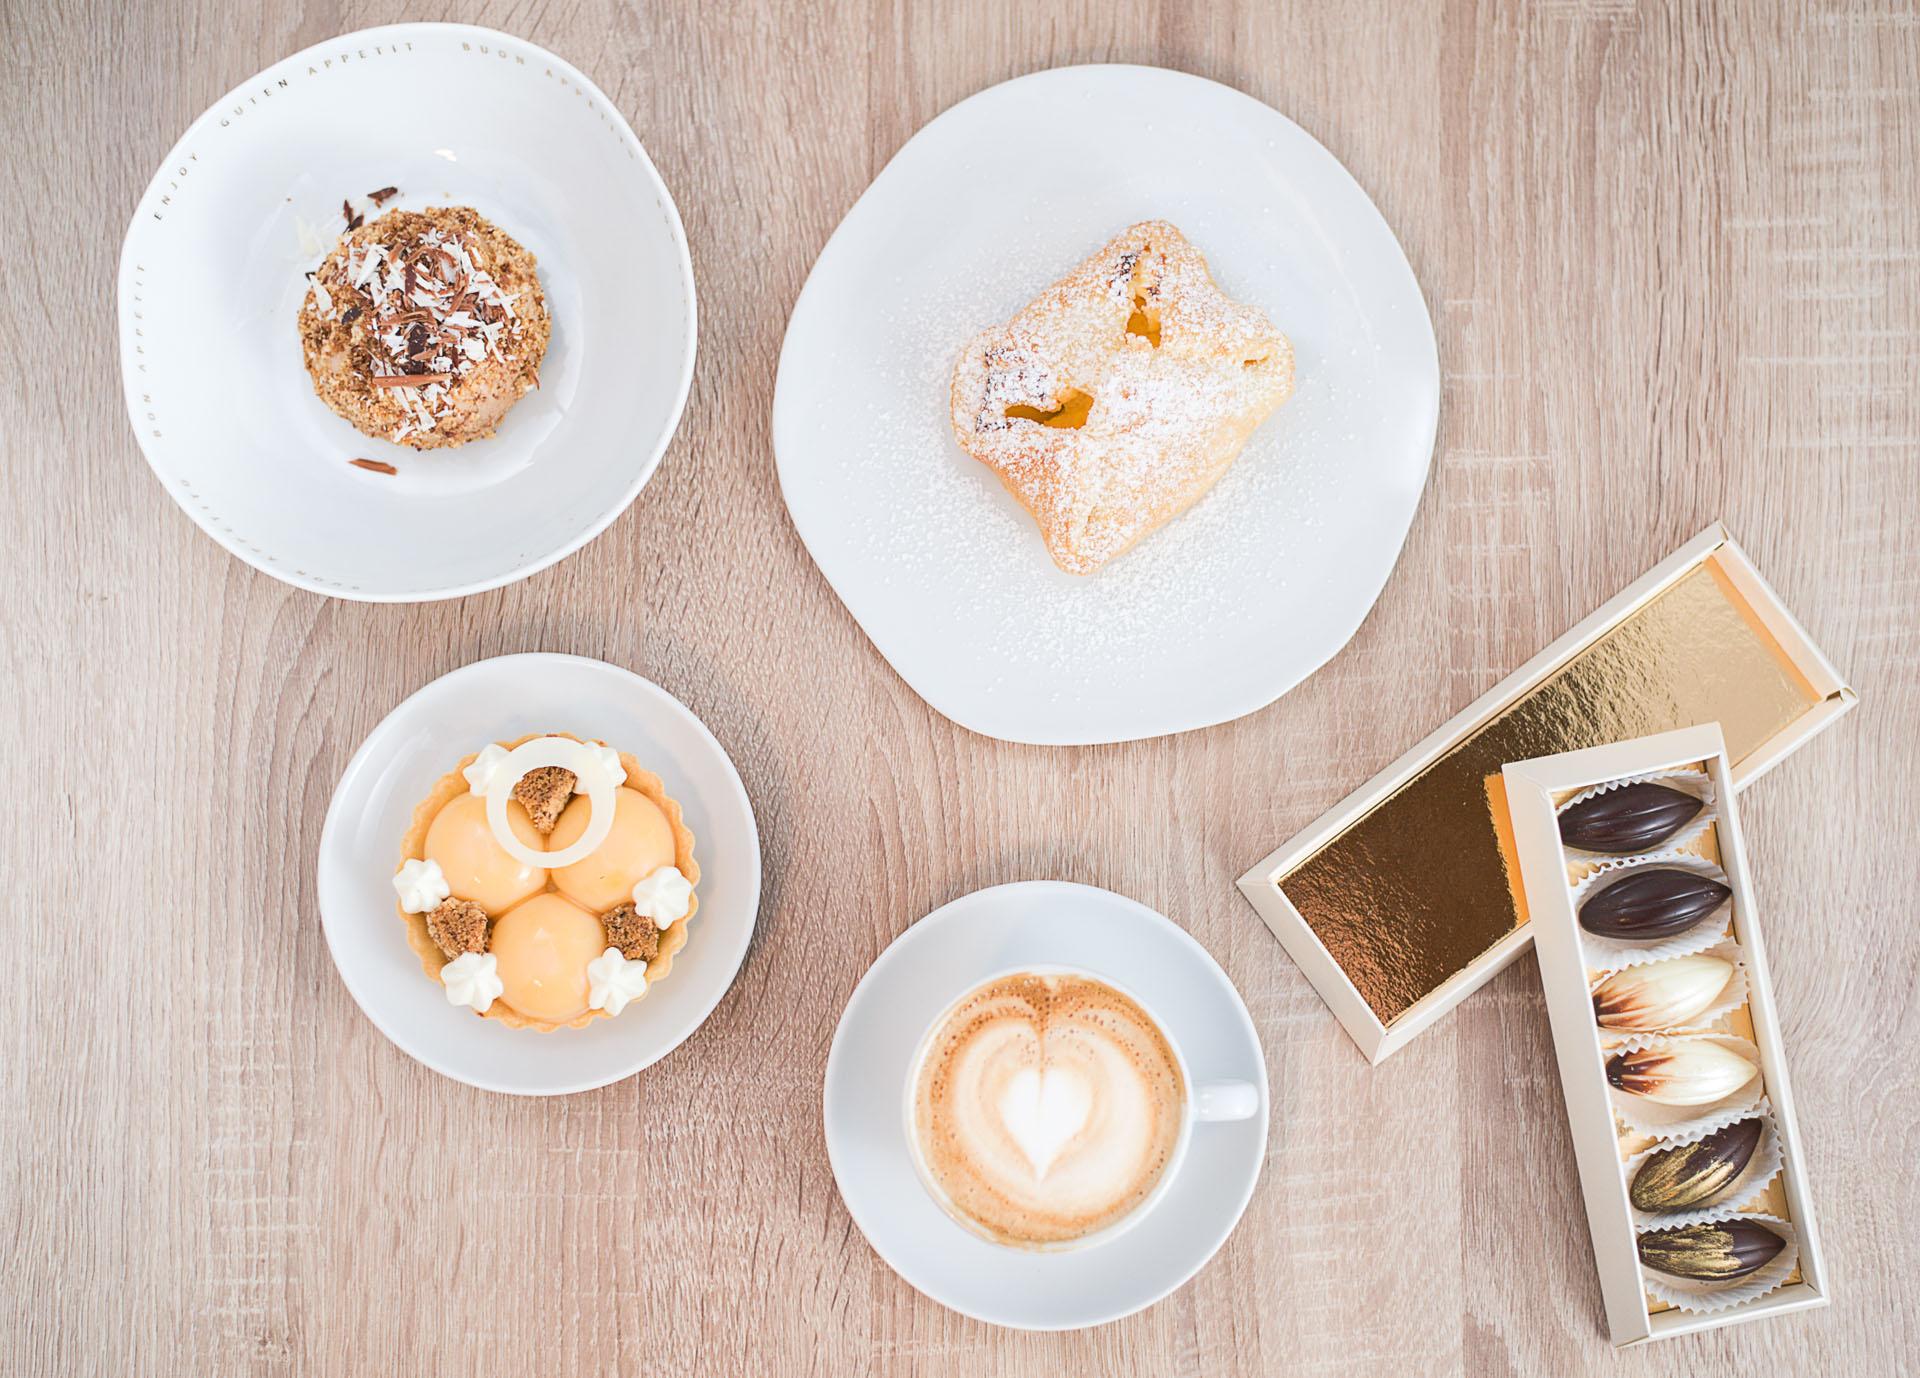 Patisserie Naderer - Tartelette Kaffee Pralinen und andere süße Spezialitäten